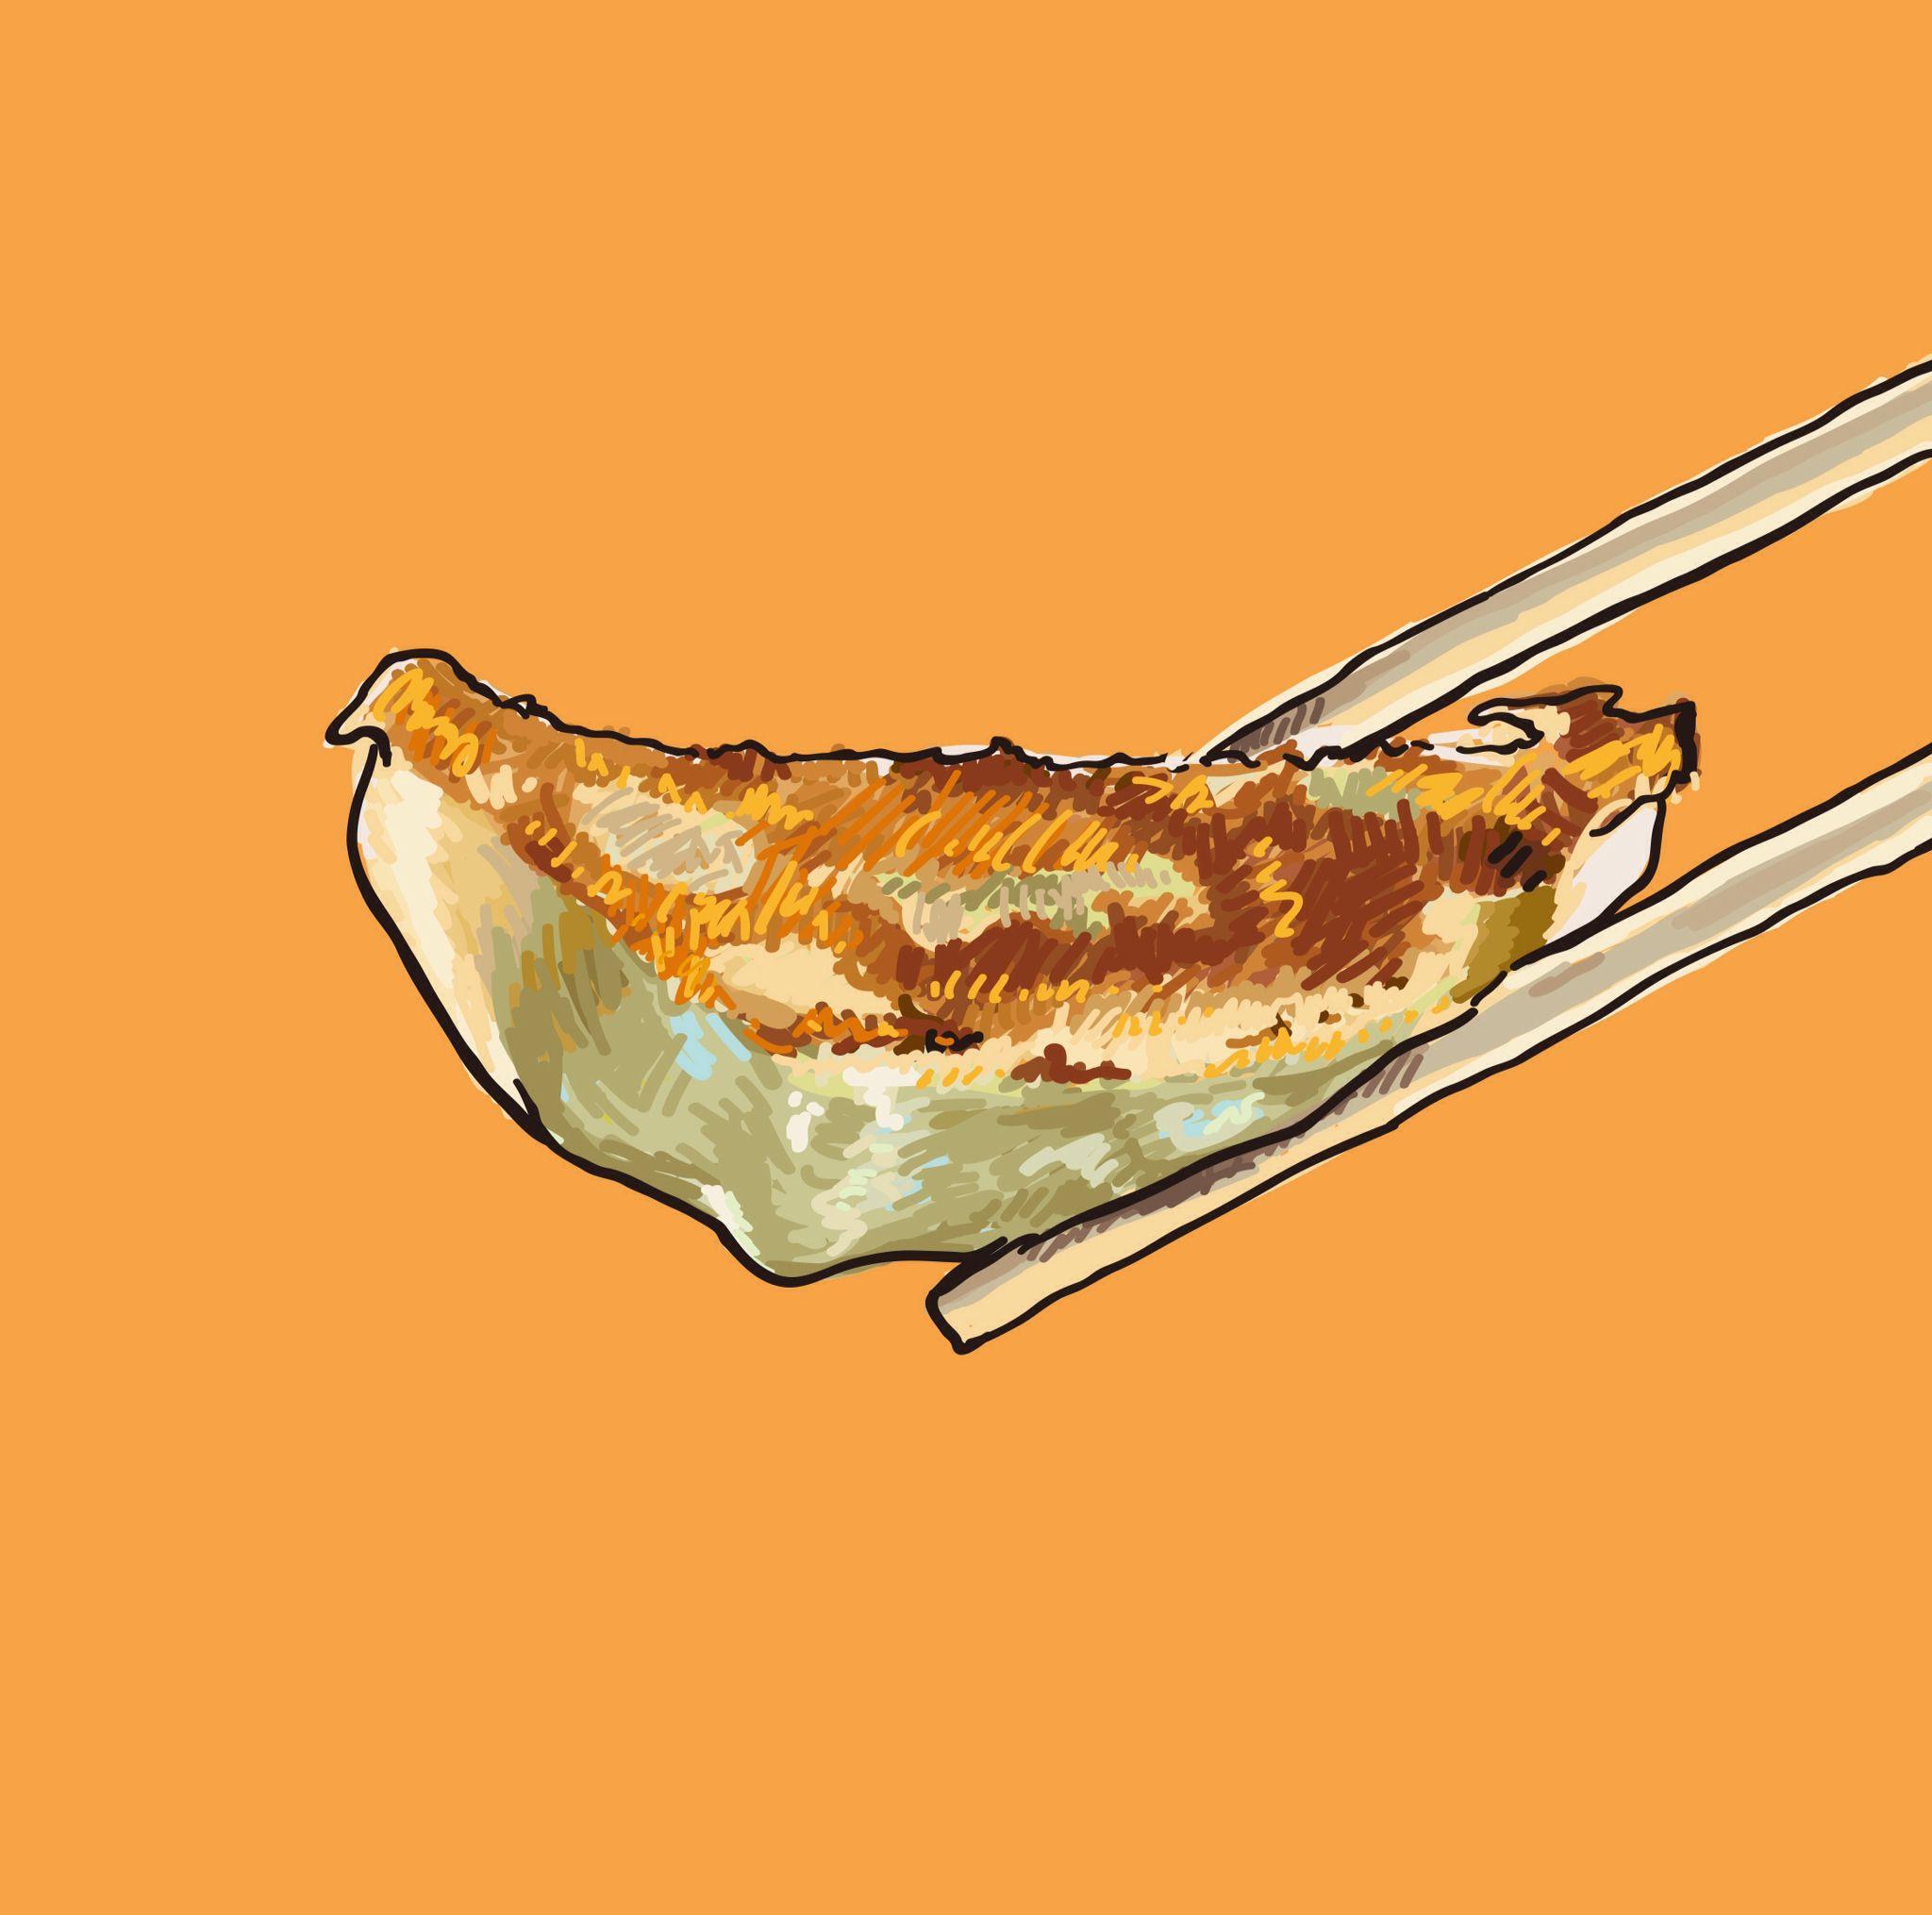 今日のイラストは餃子 Food In 2019 餃子 イラスト 料理イラスト